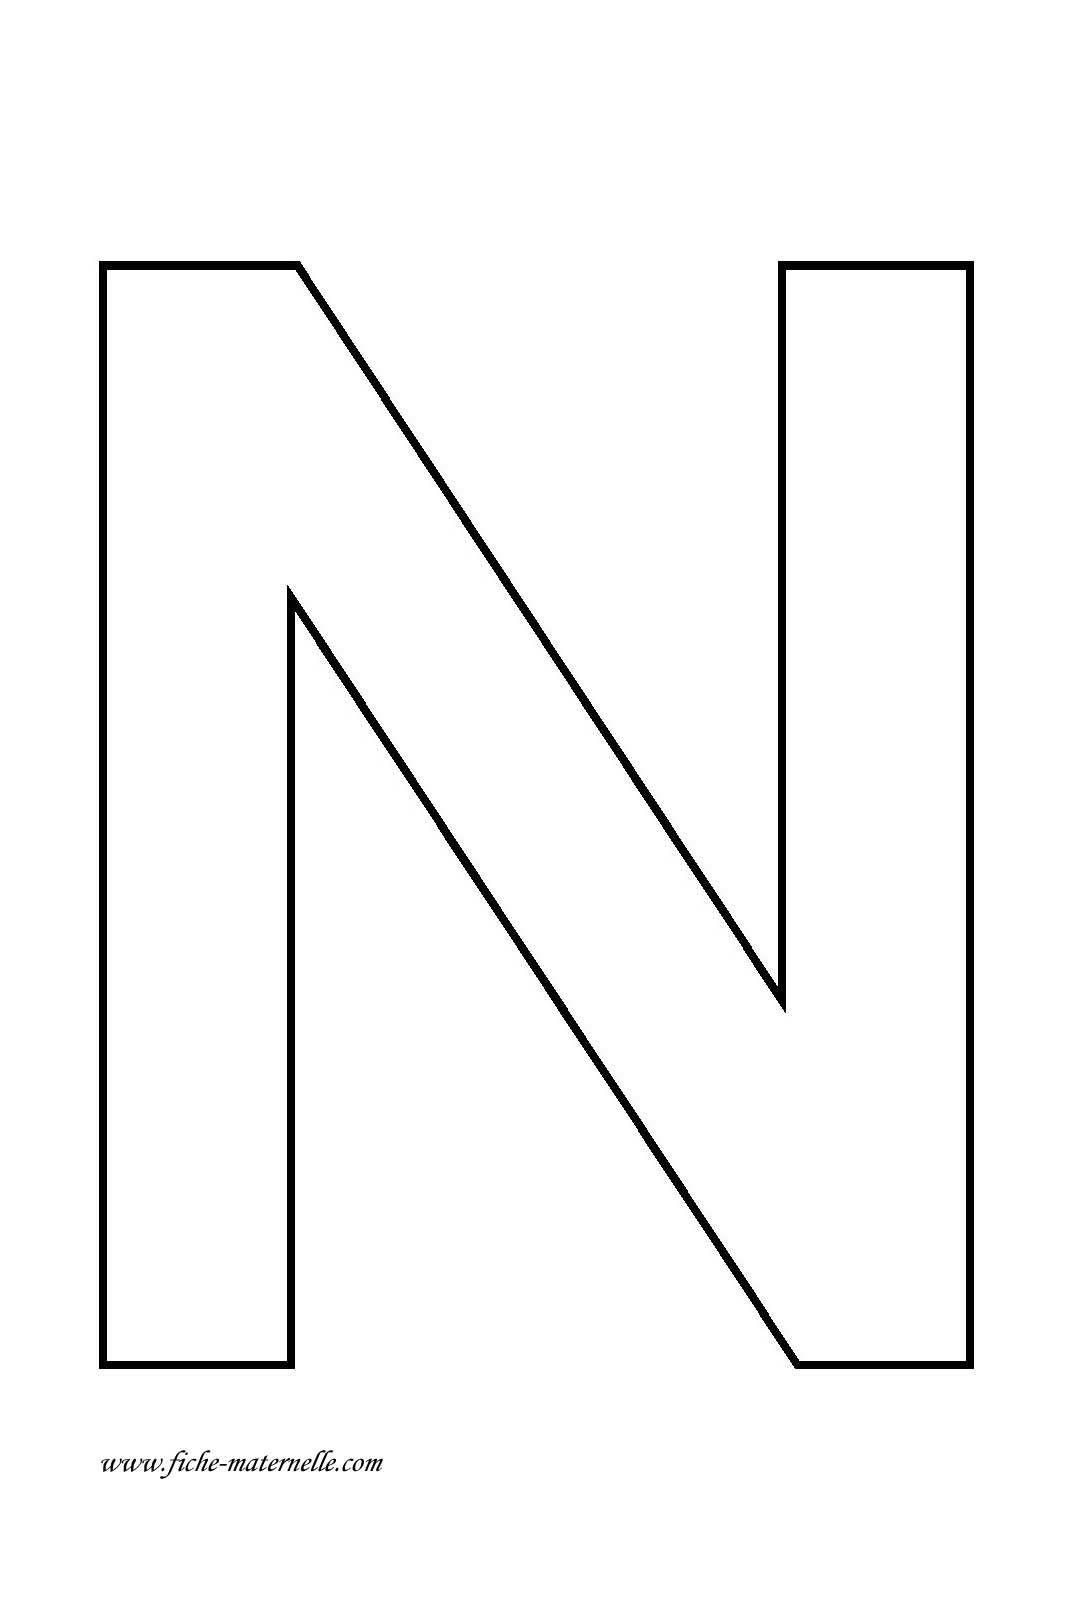 Dessins lettre n ducatifs page 2 documents pinterest alphabet lettres et lettre capitale - Lettres a imprimer ...